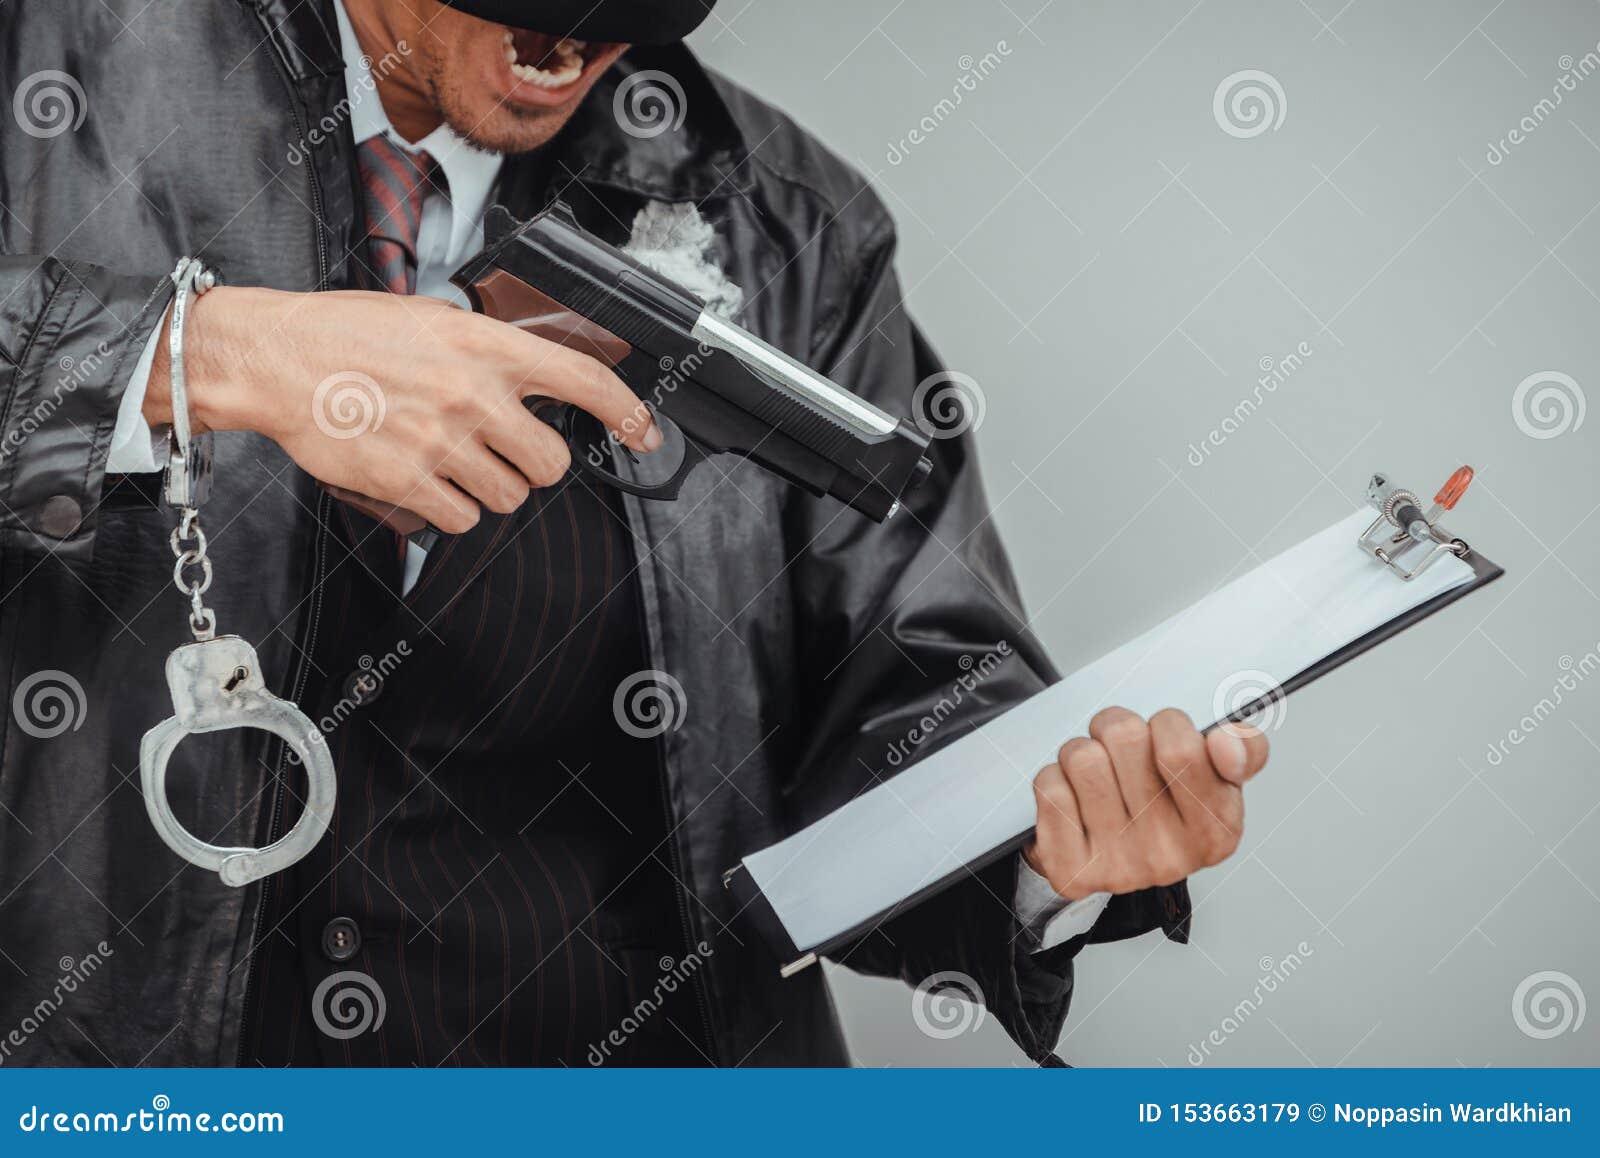 Uomo della mafia in vestito che conta pistola su fondo bianco L uomo d affari arrabbiato ha distrutto gli effetti personali